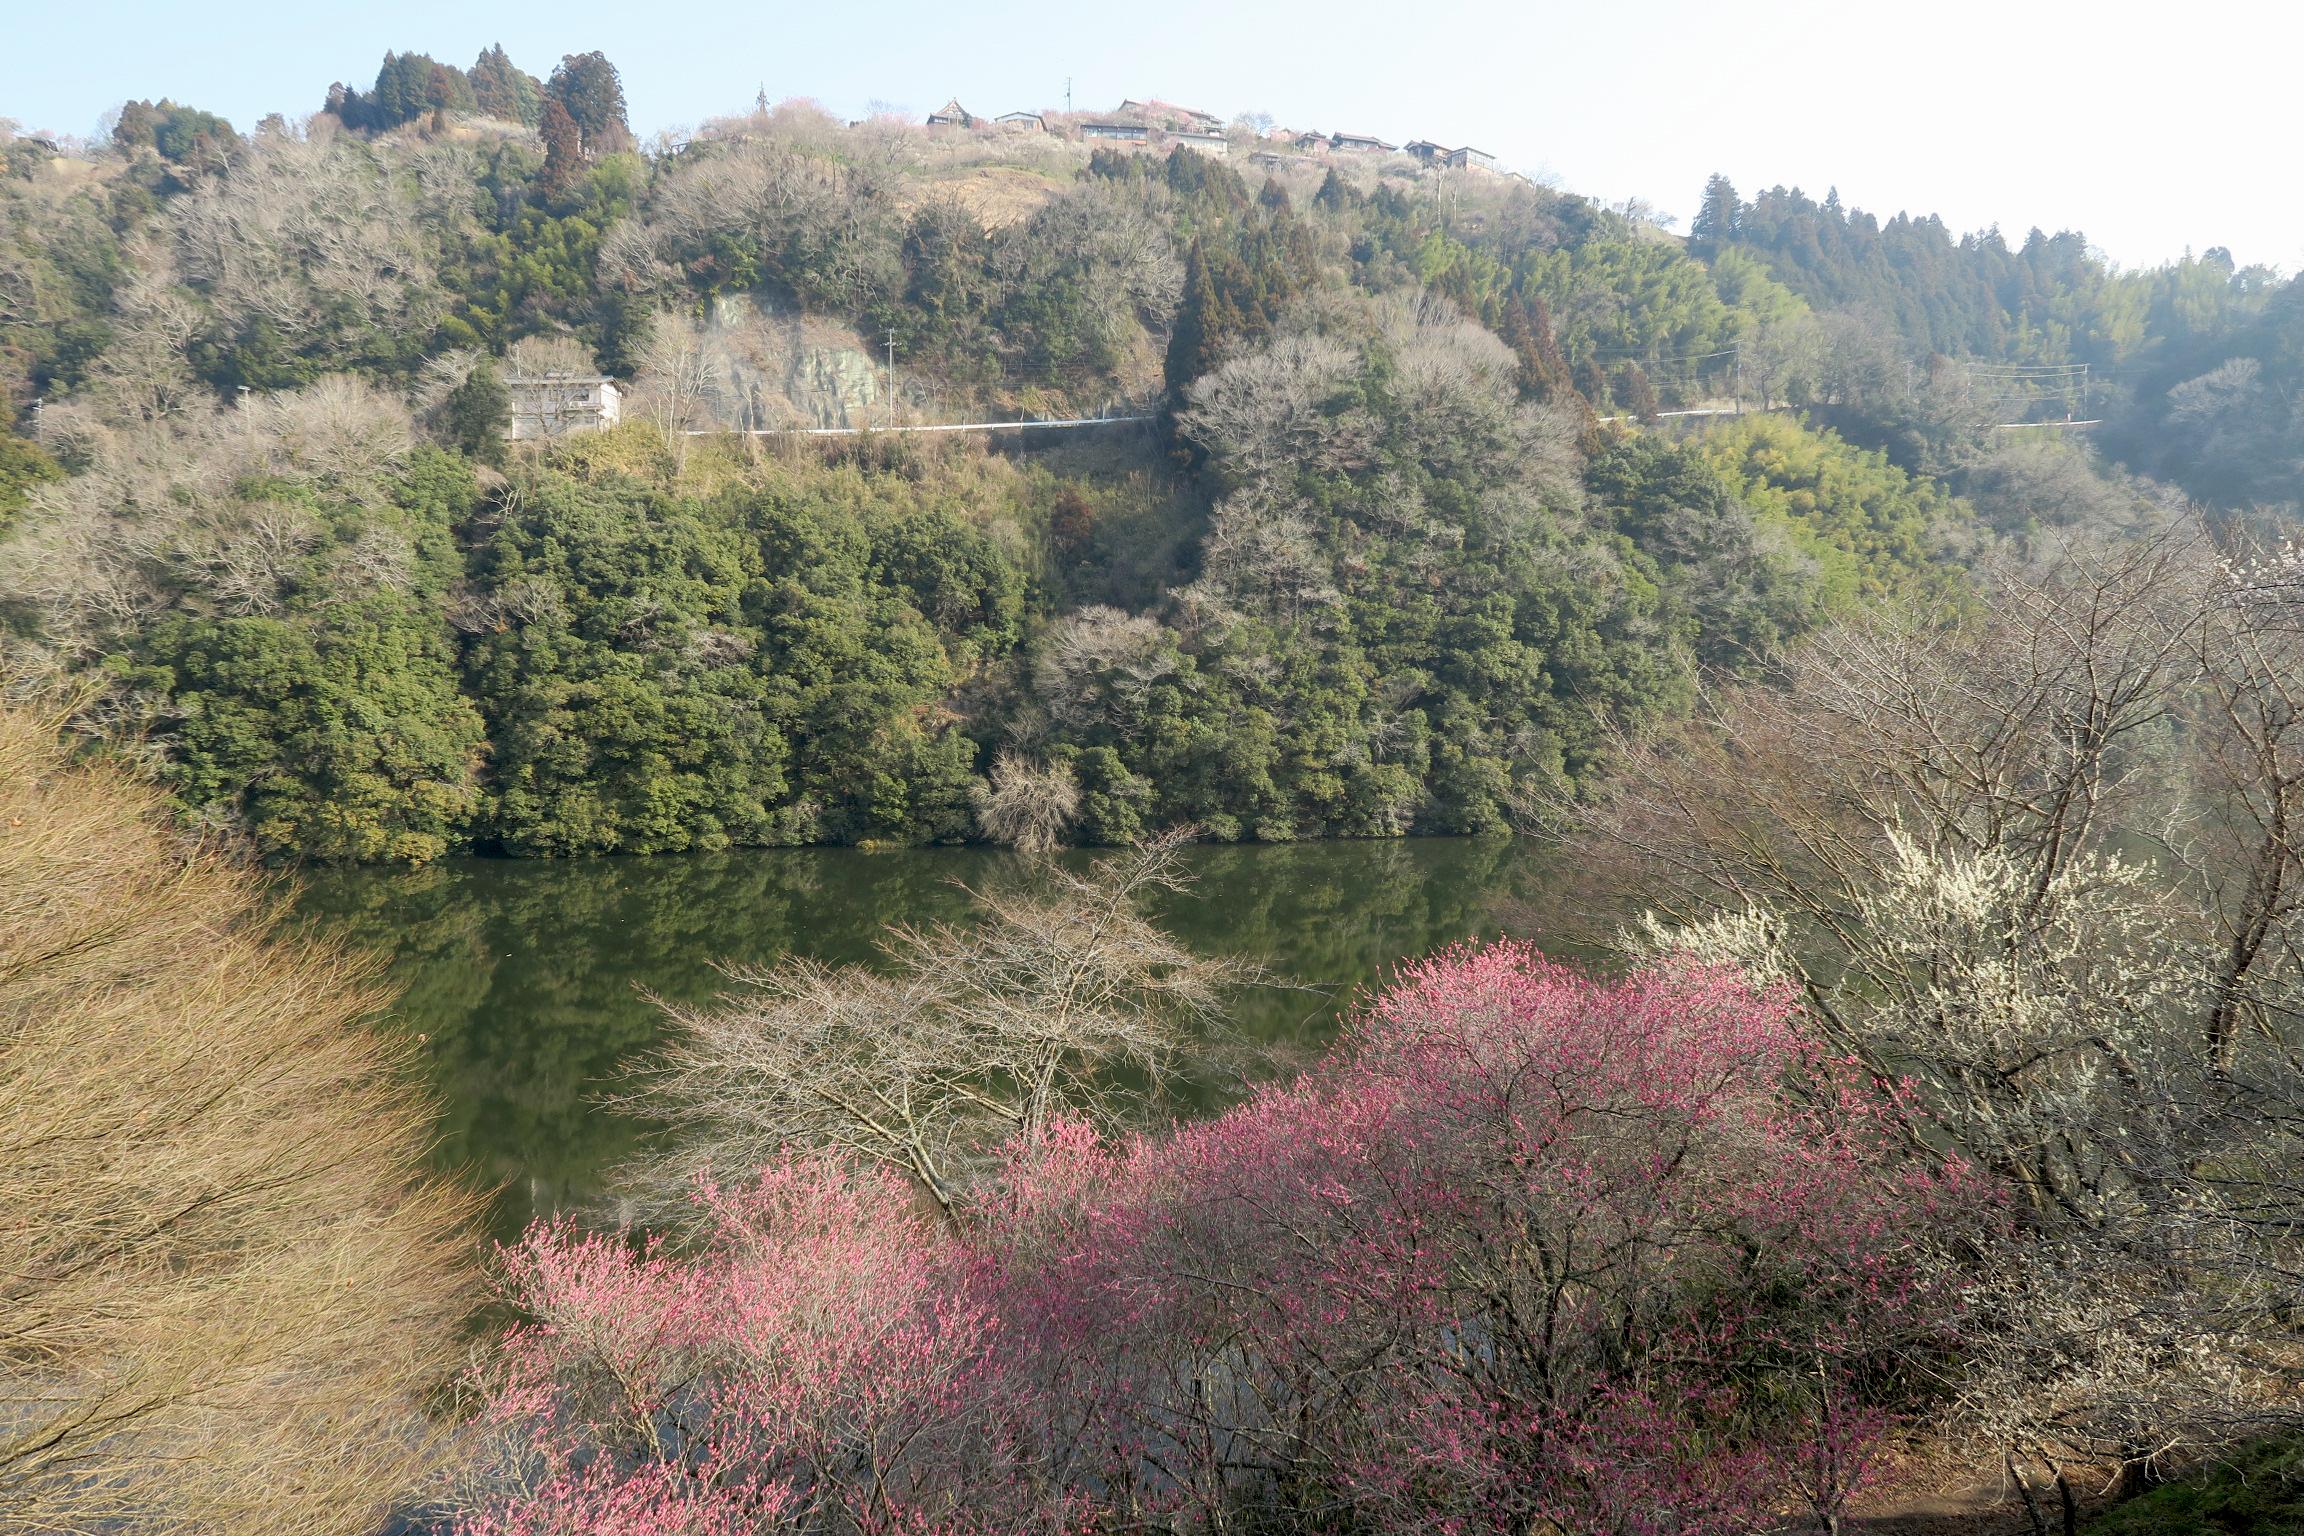 梅が満開でした。写真上部が梅まつりが開催されている月ヶ瀬梅林。これから向かいます。